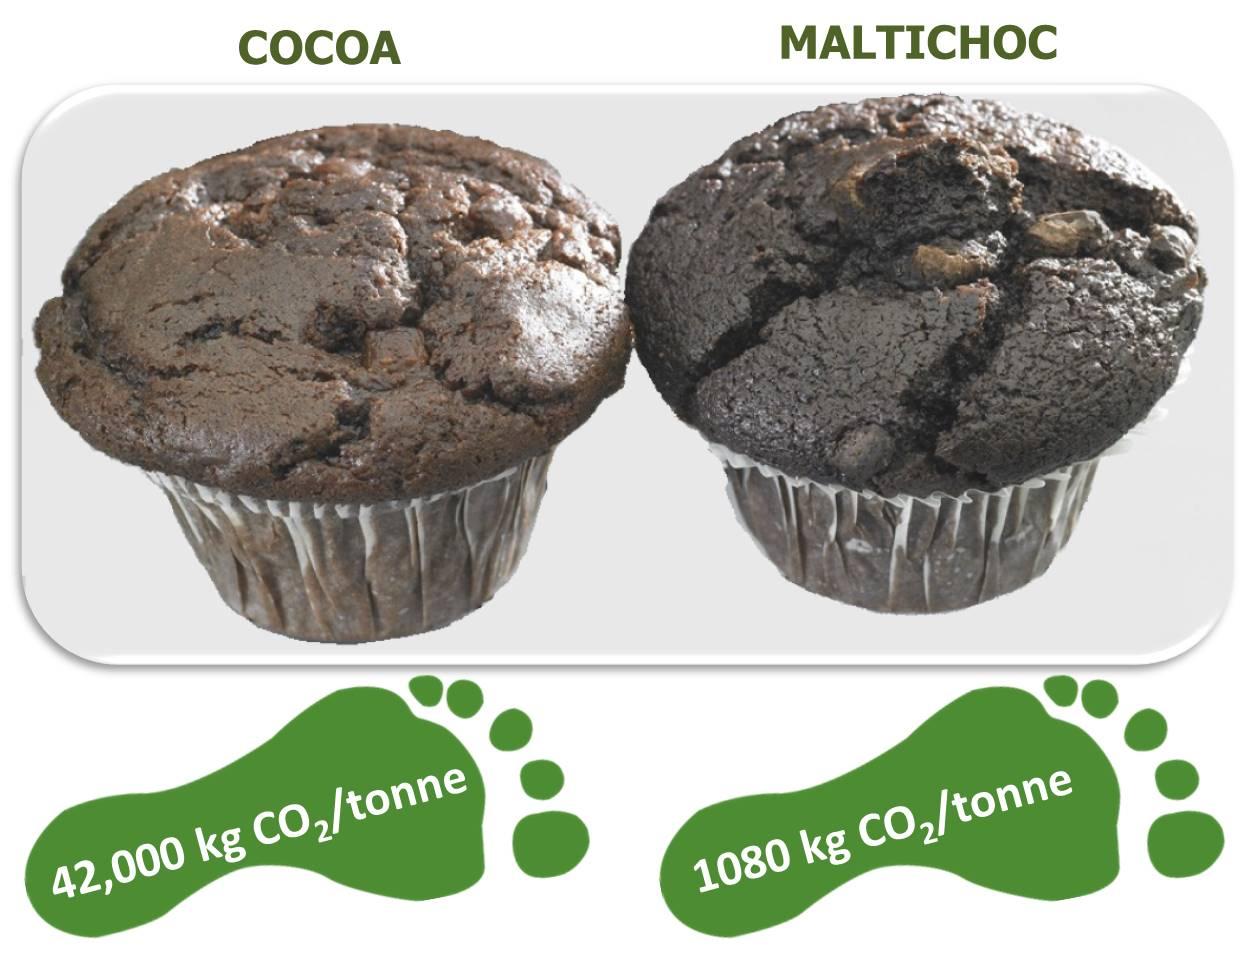 Maltichoc muffins CO2